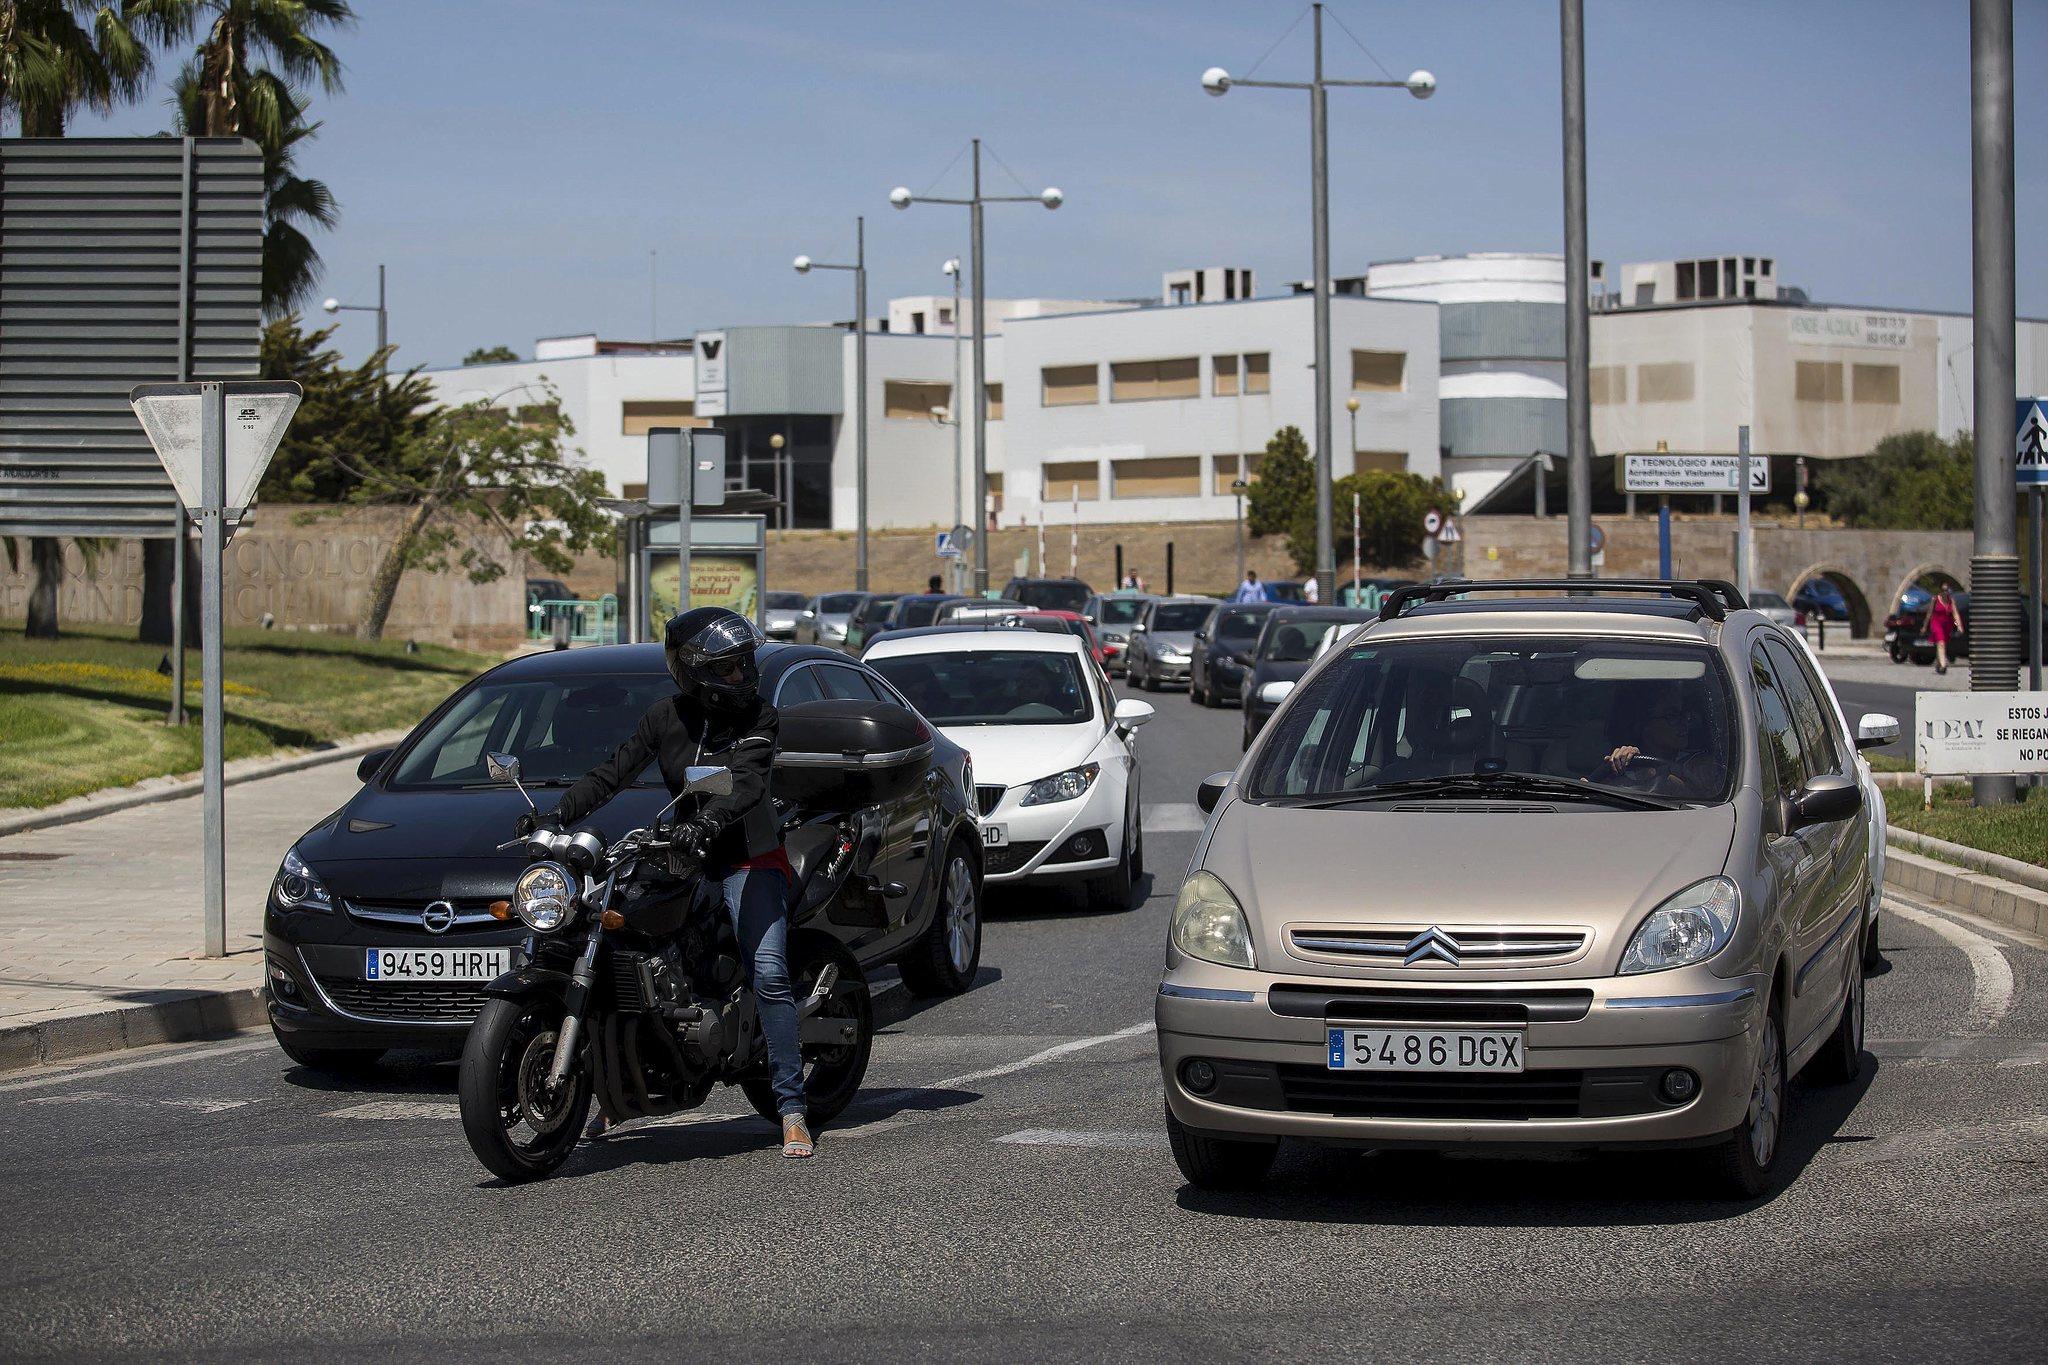 Un motorista se incorpora a una rotonda entre varios turismos.